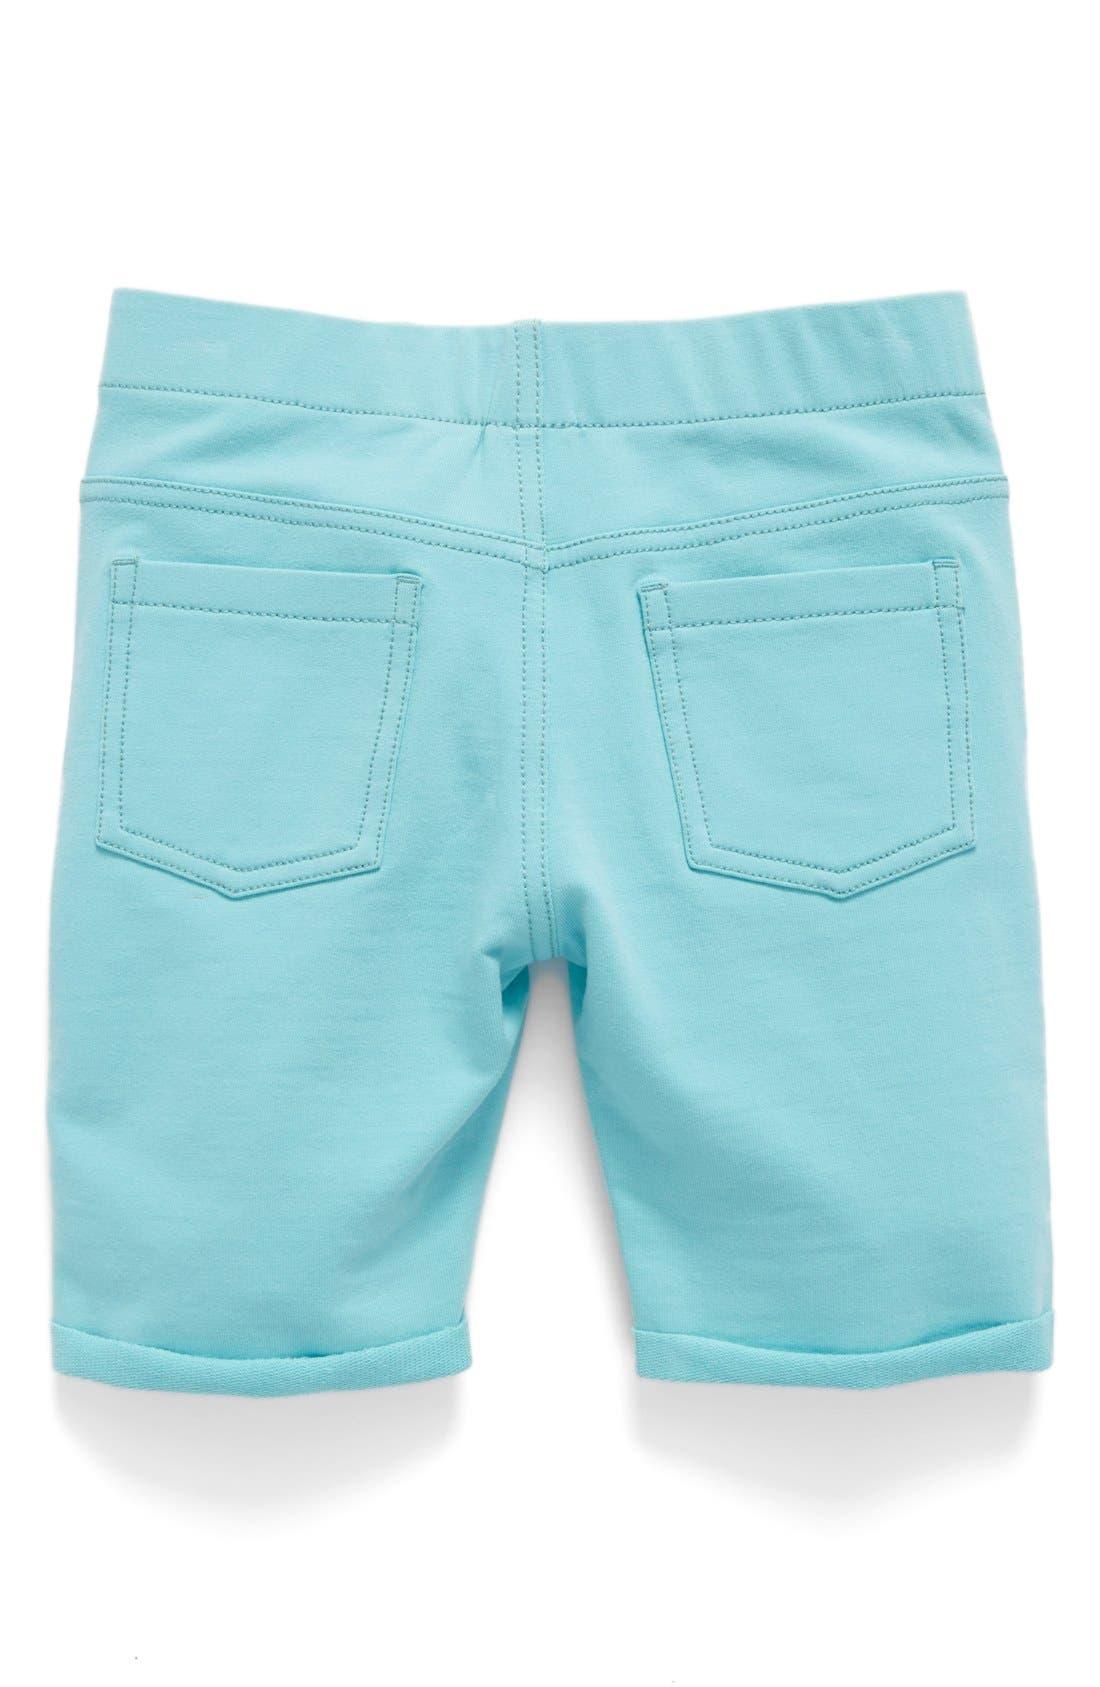 'Jenna' Jegging Shorts,                             Alternate thumbnail 25, color,